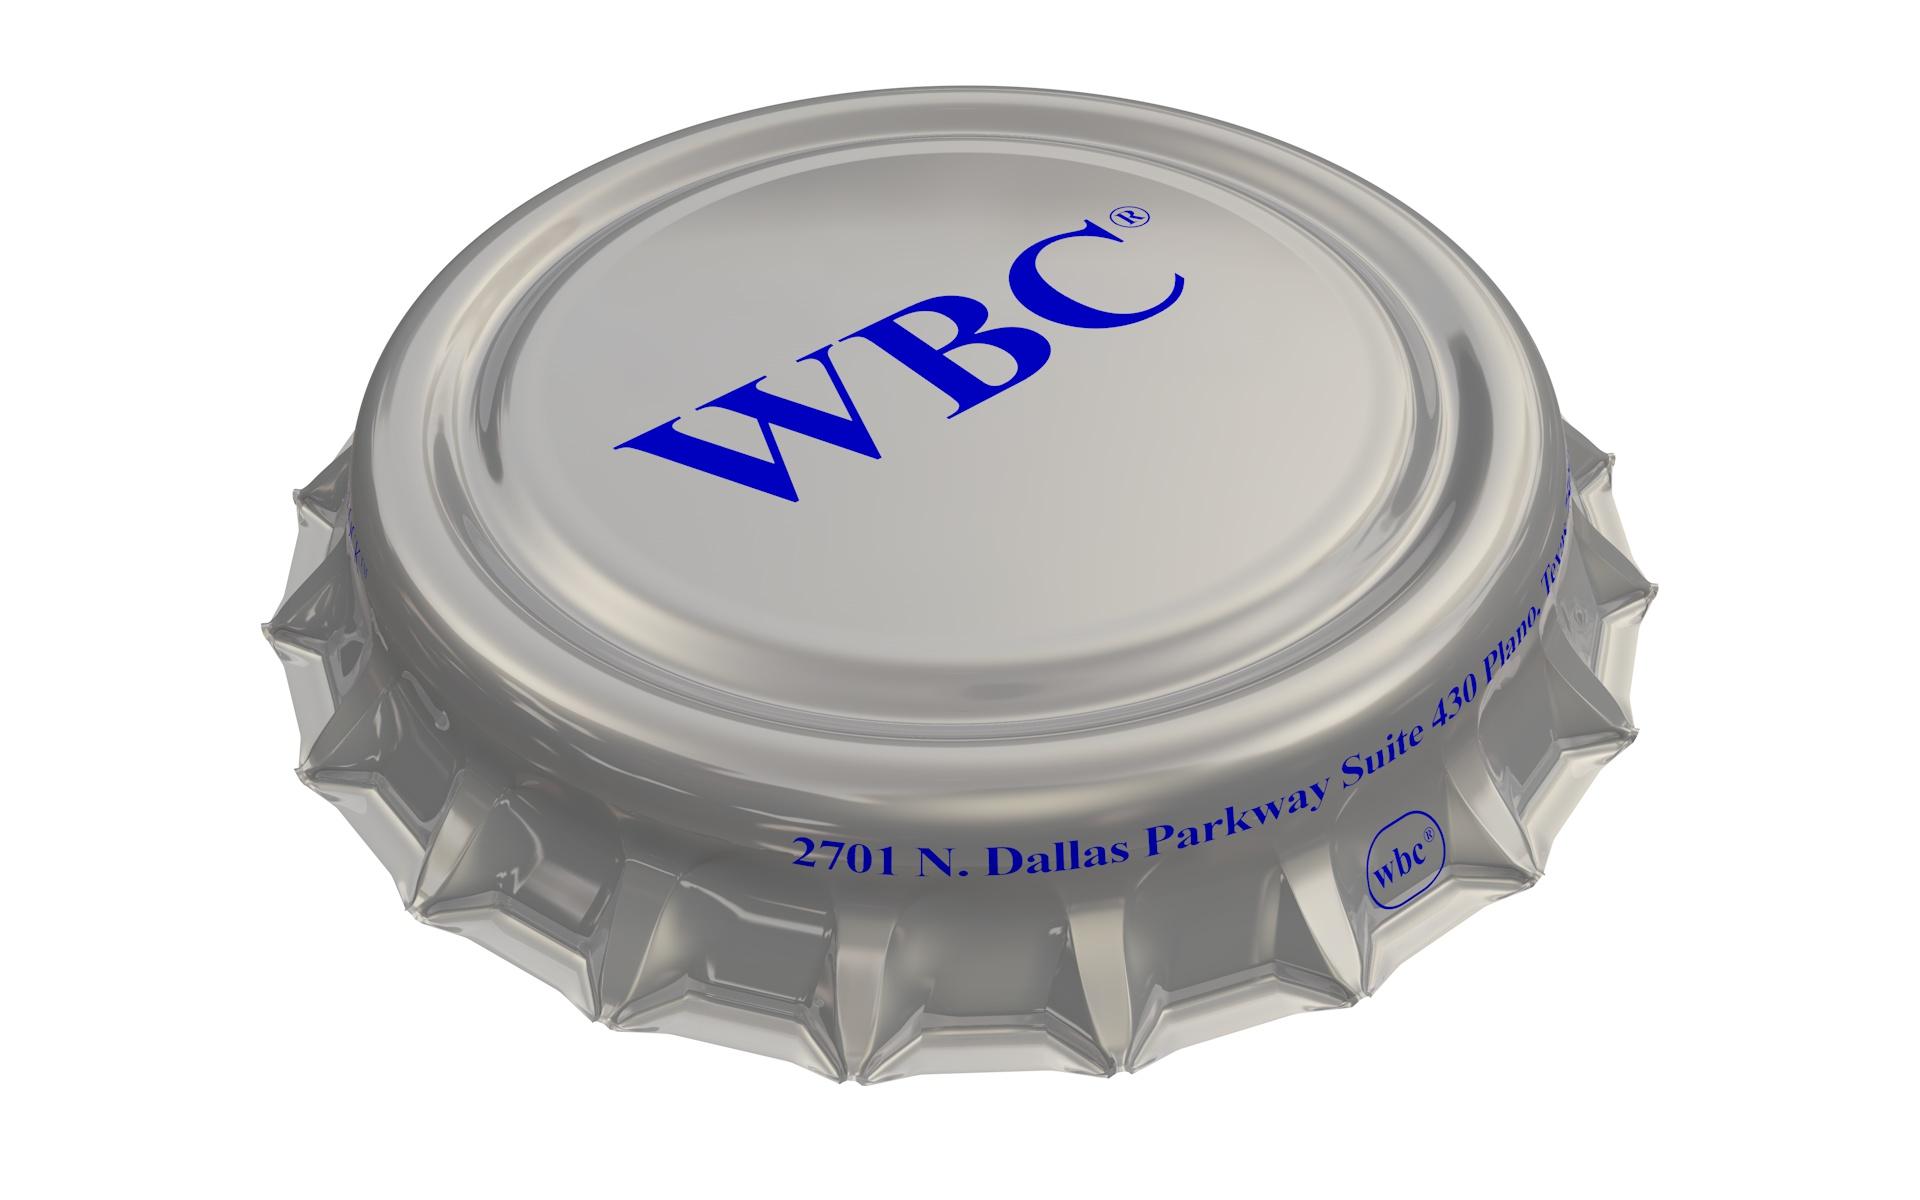 rgc-wbc-004_0001